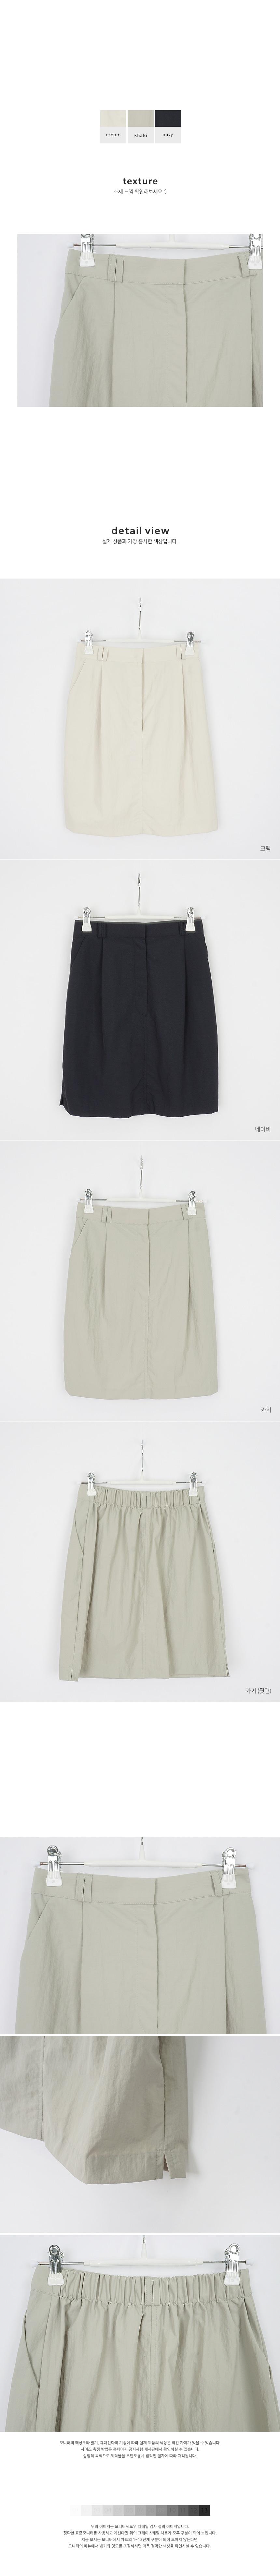 Anorak skirt